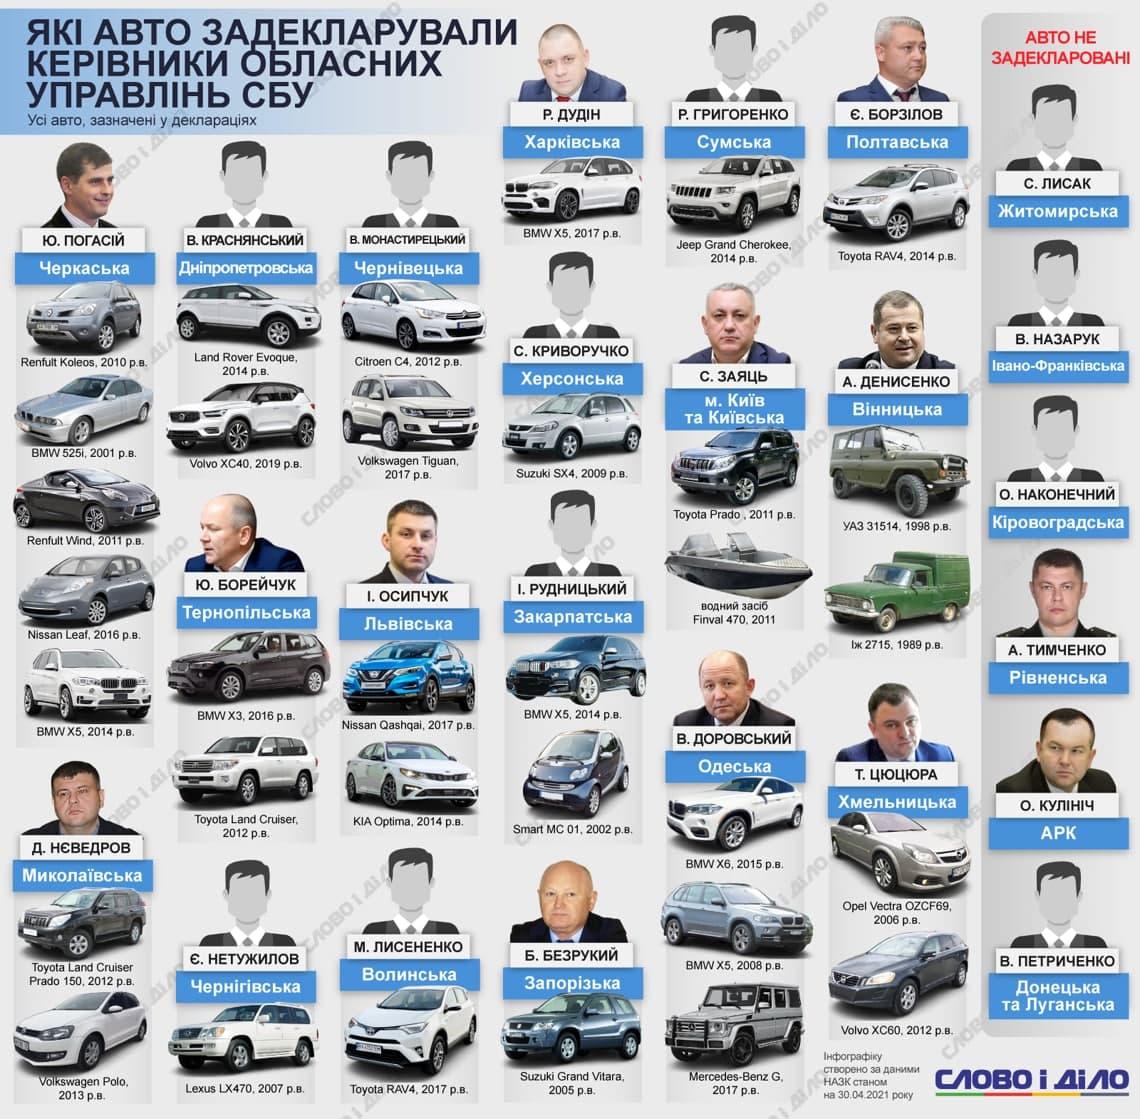 На каких автомобилях ездят областные руководители СБУ вы можете видеть на приложенной инфографике